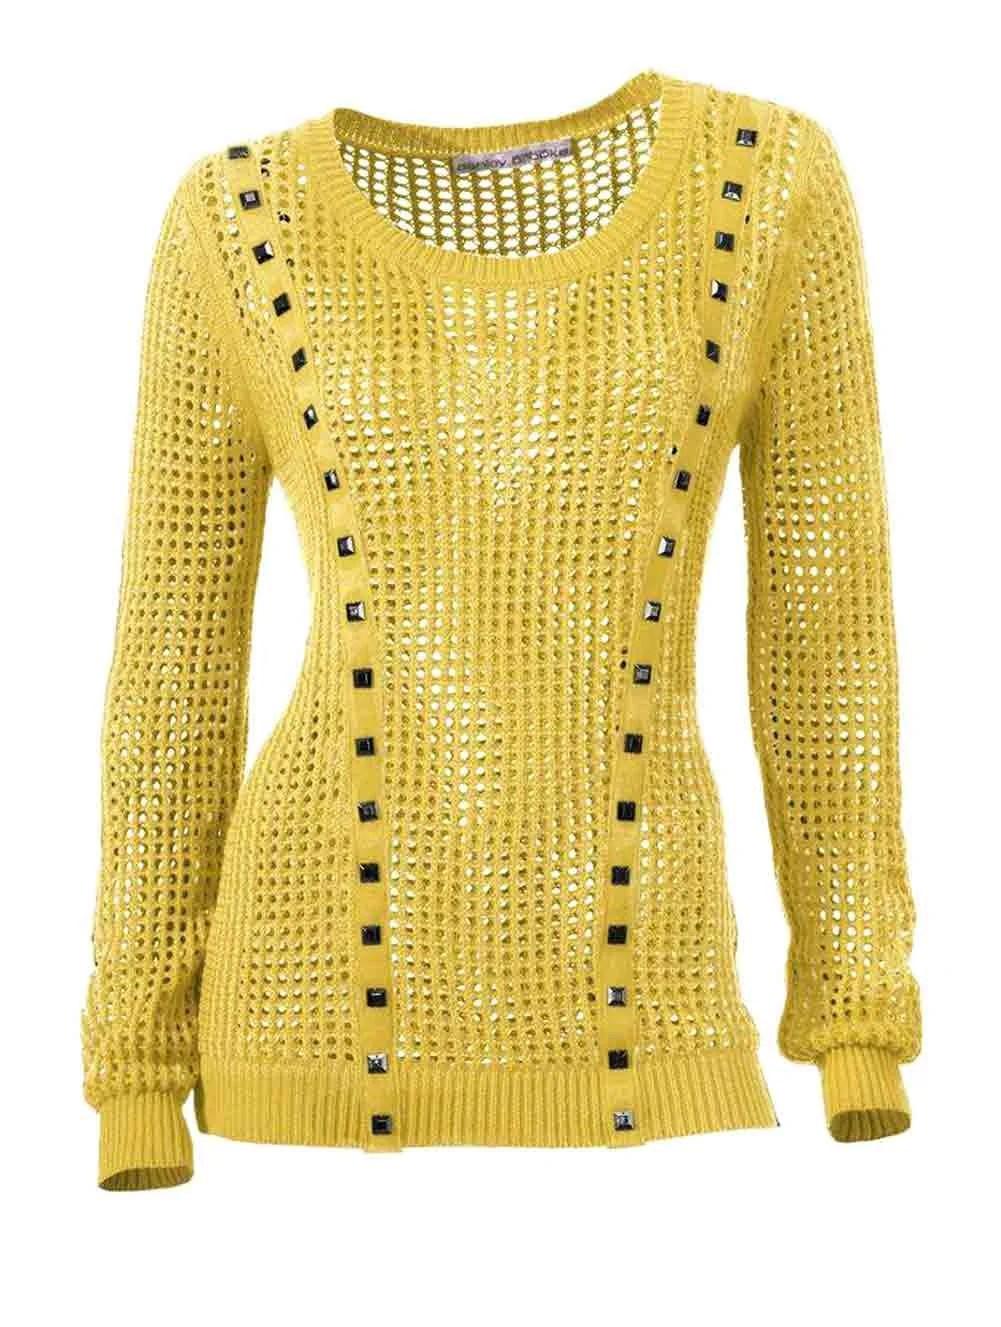 055.701 ASHLEY BROOKE Damen Designer-Pullover Gelb Baumwolle Lochmuster m. Nieten